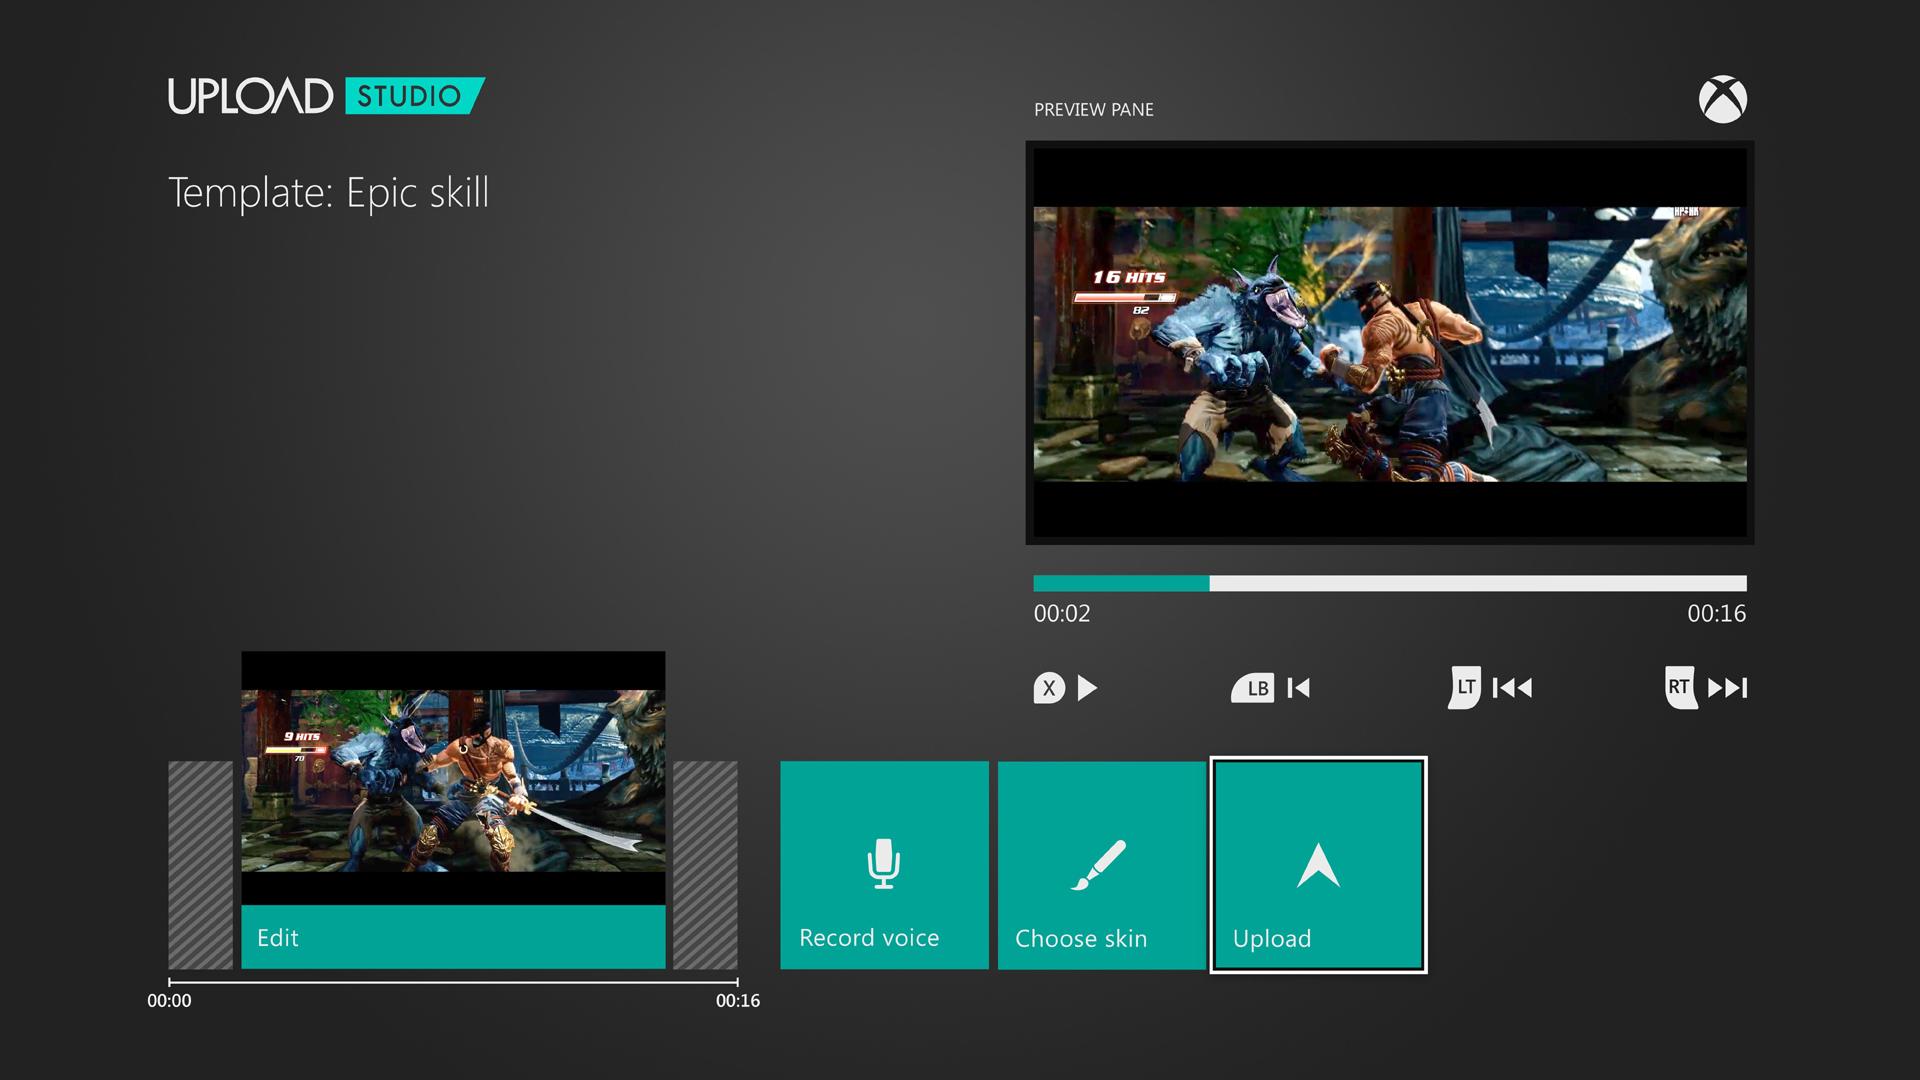 Xbox Oneの動画ツール「UPLOAD STUDIO」。ゲームをプレイしながらの録画はもちろんのこと、画面を切り替えて映像の確認をしたり、アップロードしたりもできる